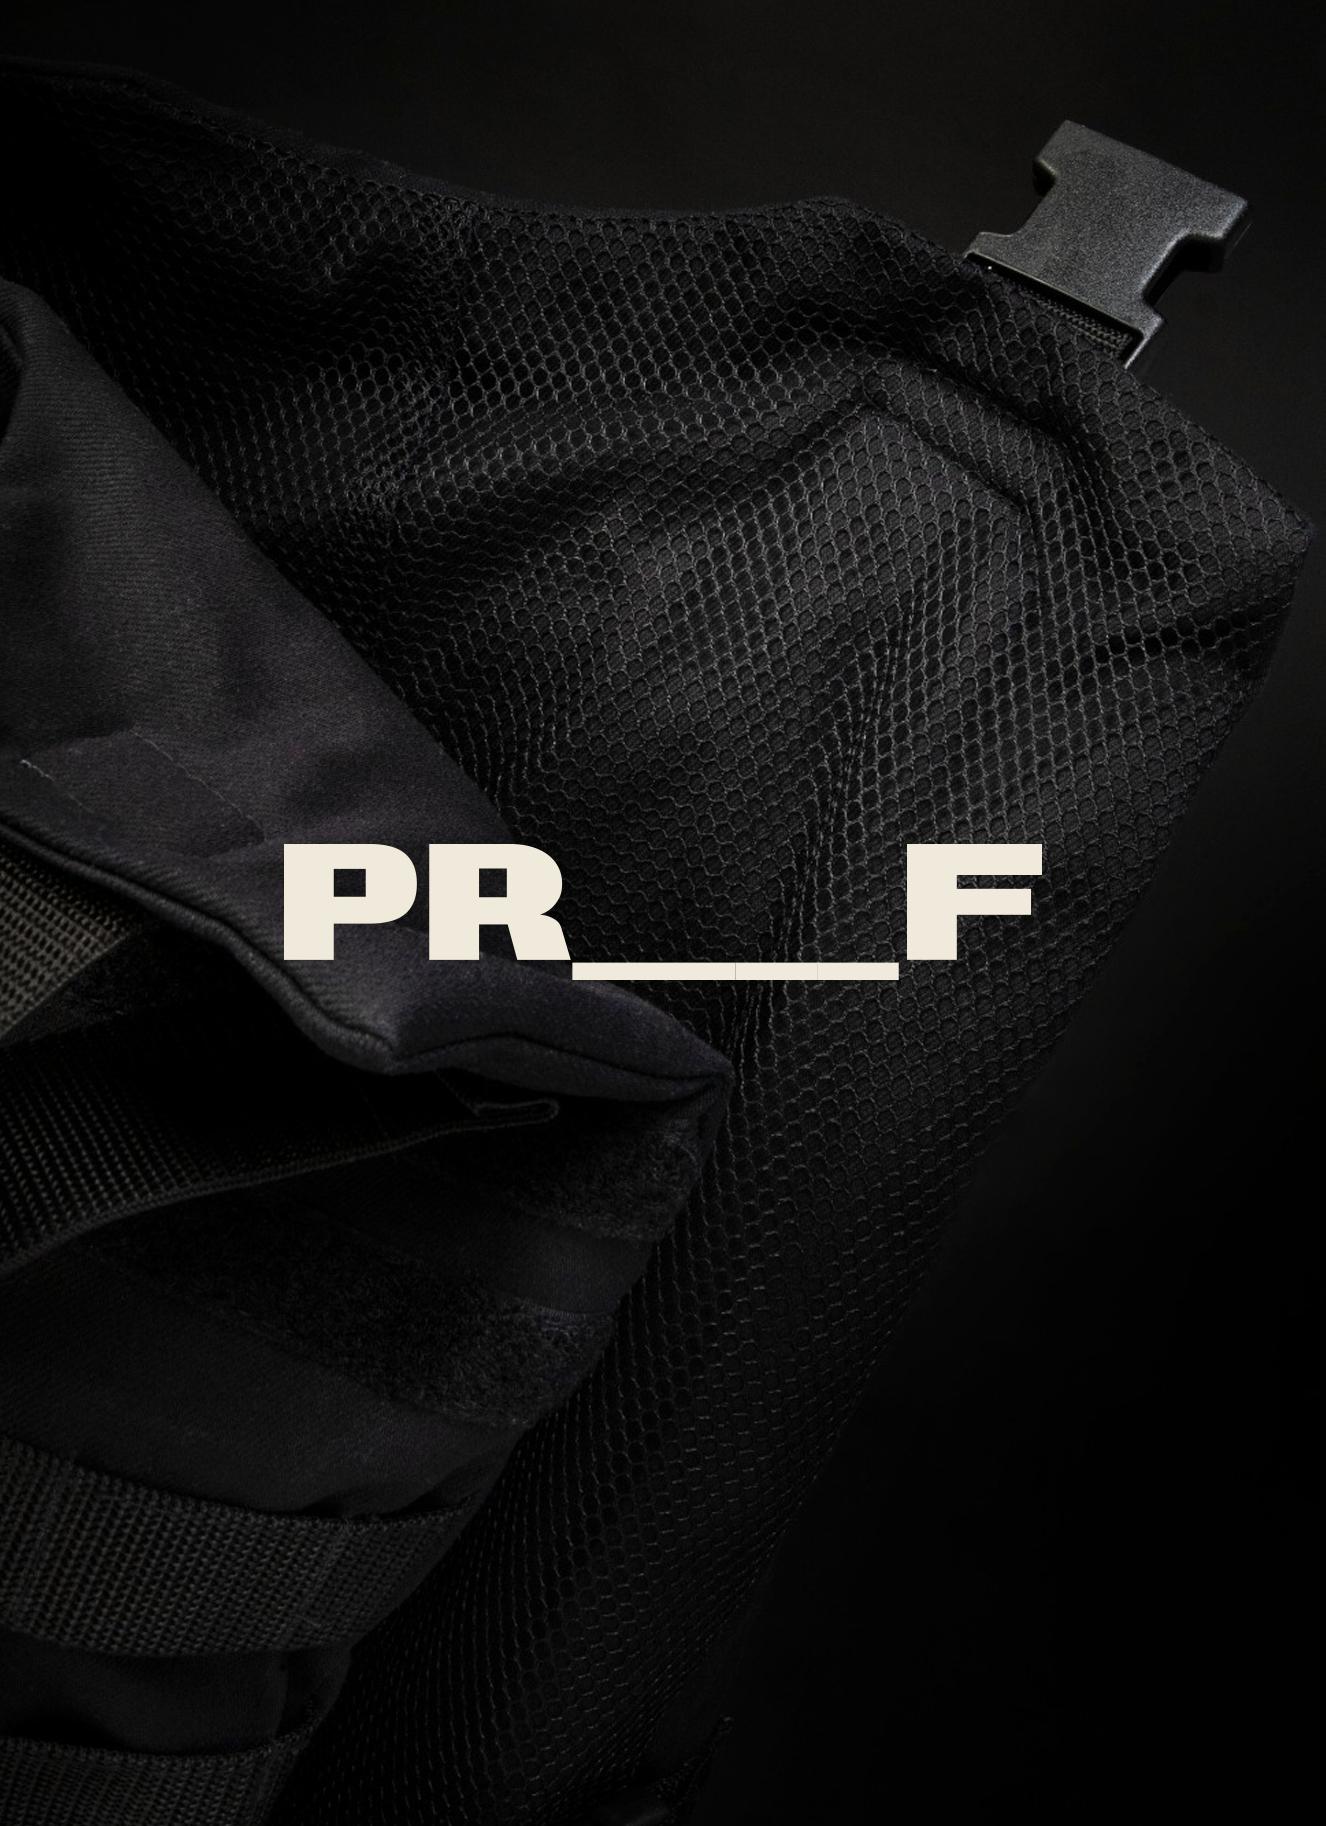 PR___F